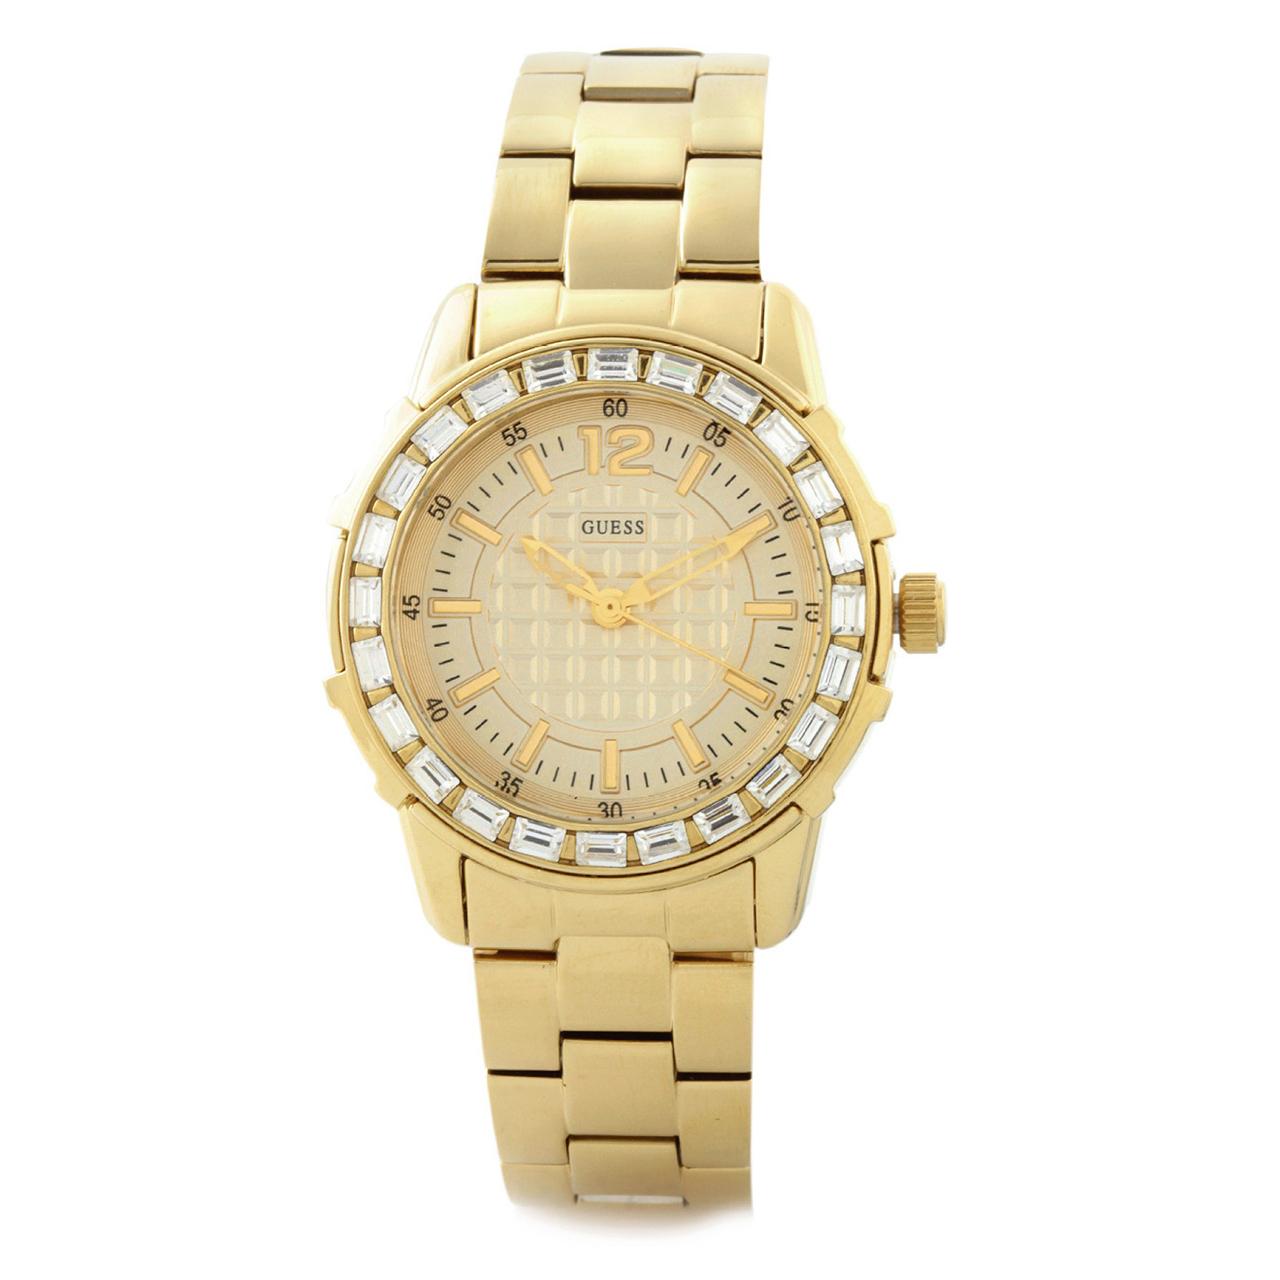 ساعت مچی عقربه ای زنانه گس مدل W0018L2 55